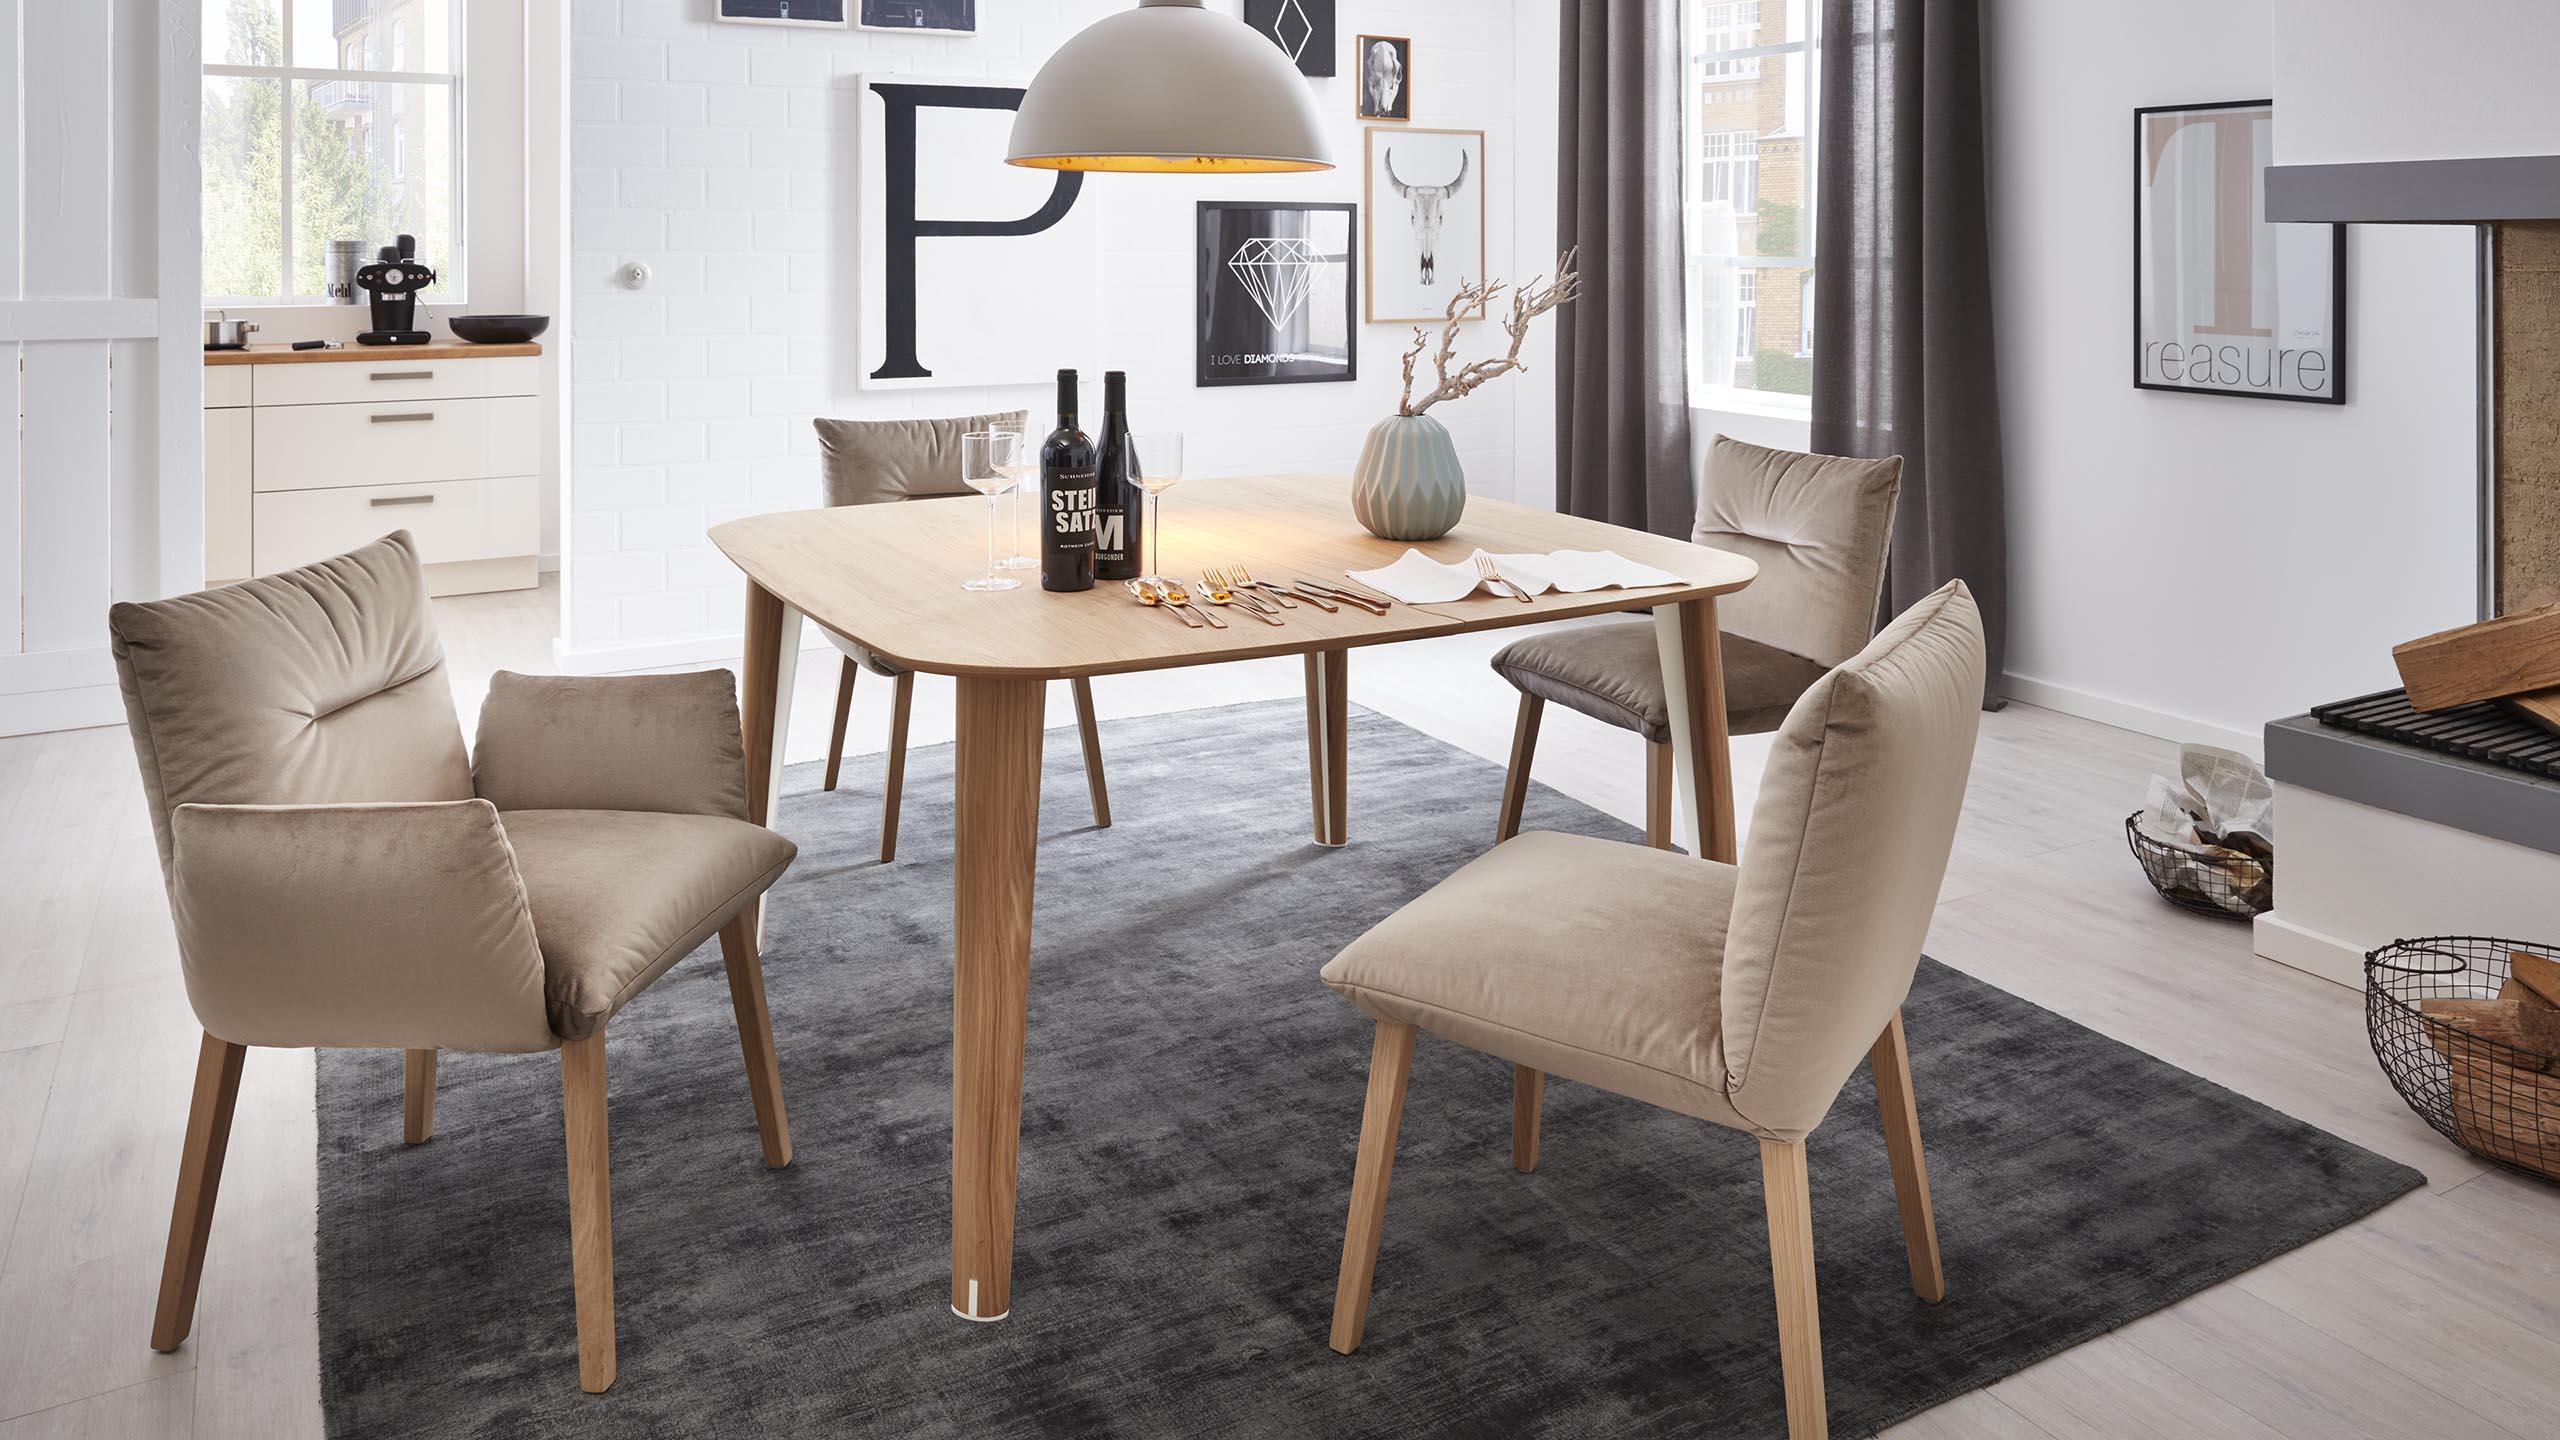 interliving esszimmer serie 5101 interliving m bel f r. Black Bedroom Furniture Sets. Home Design Ideas